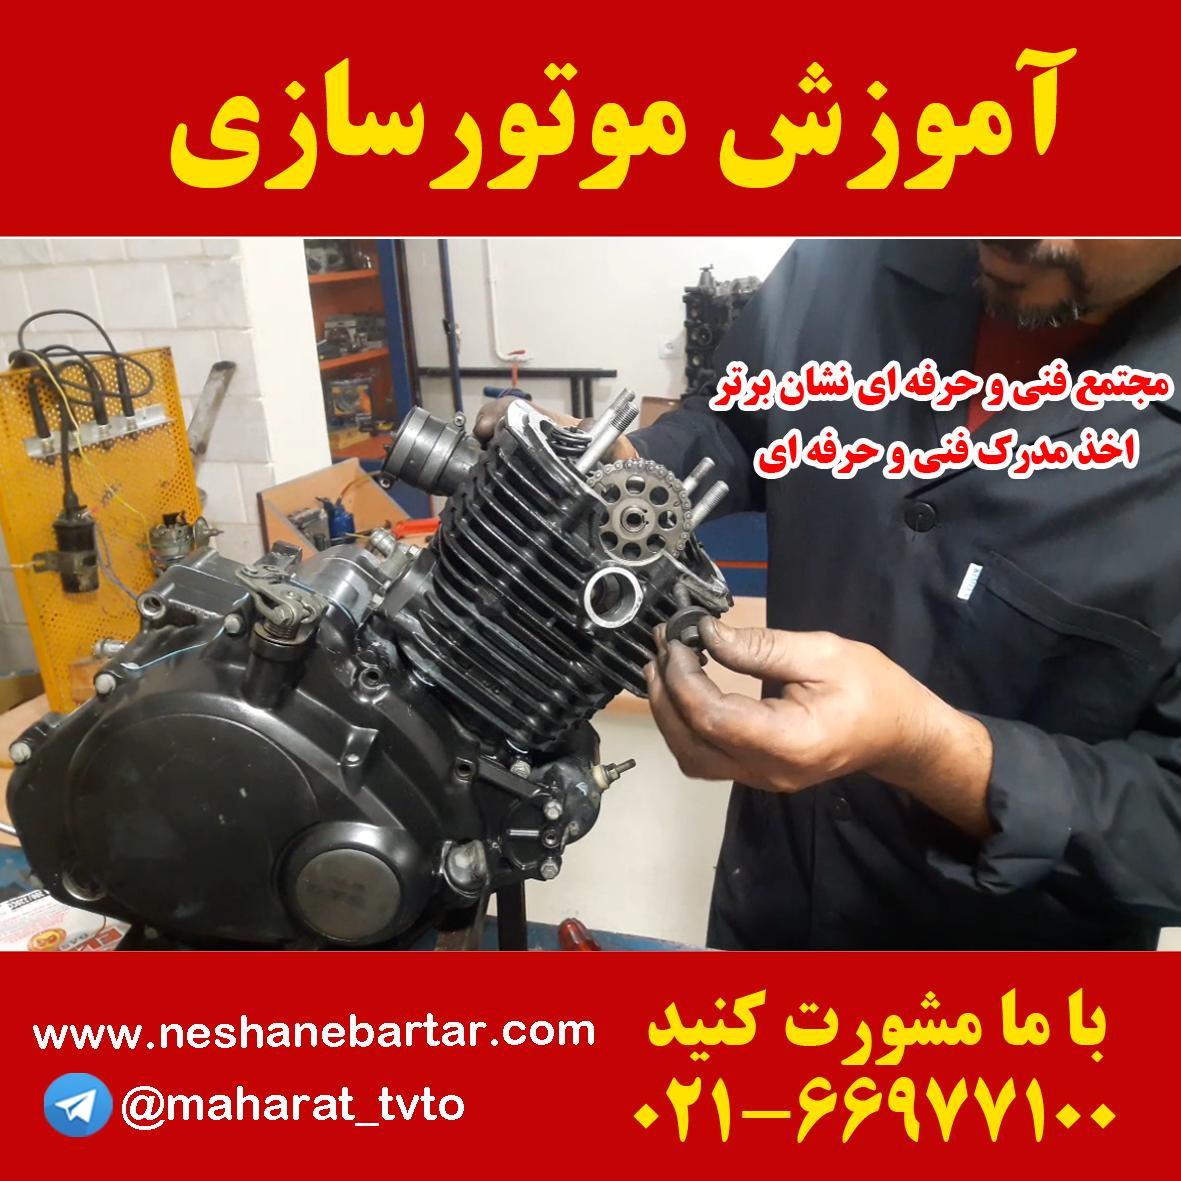 آموزش موتورسازی